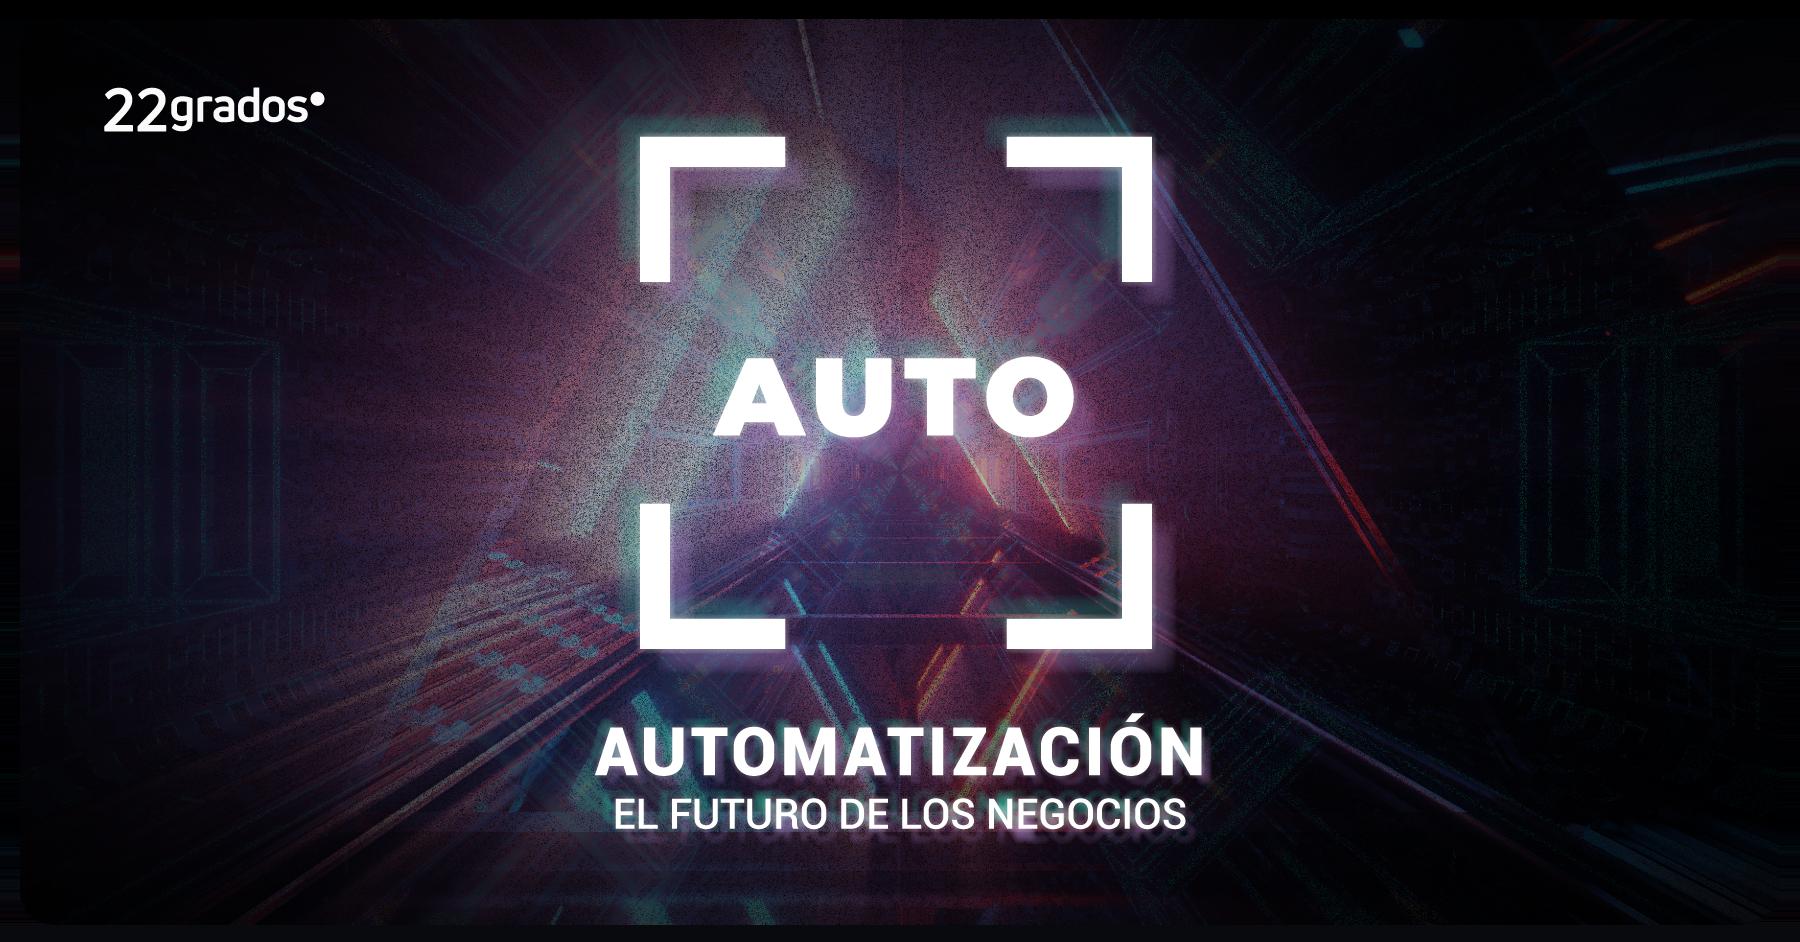 Automatización, el futuro de los negocios